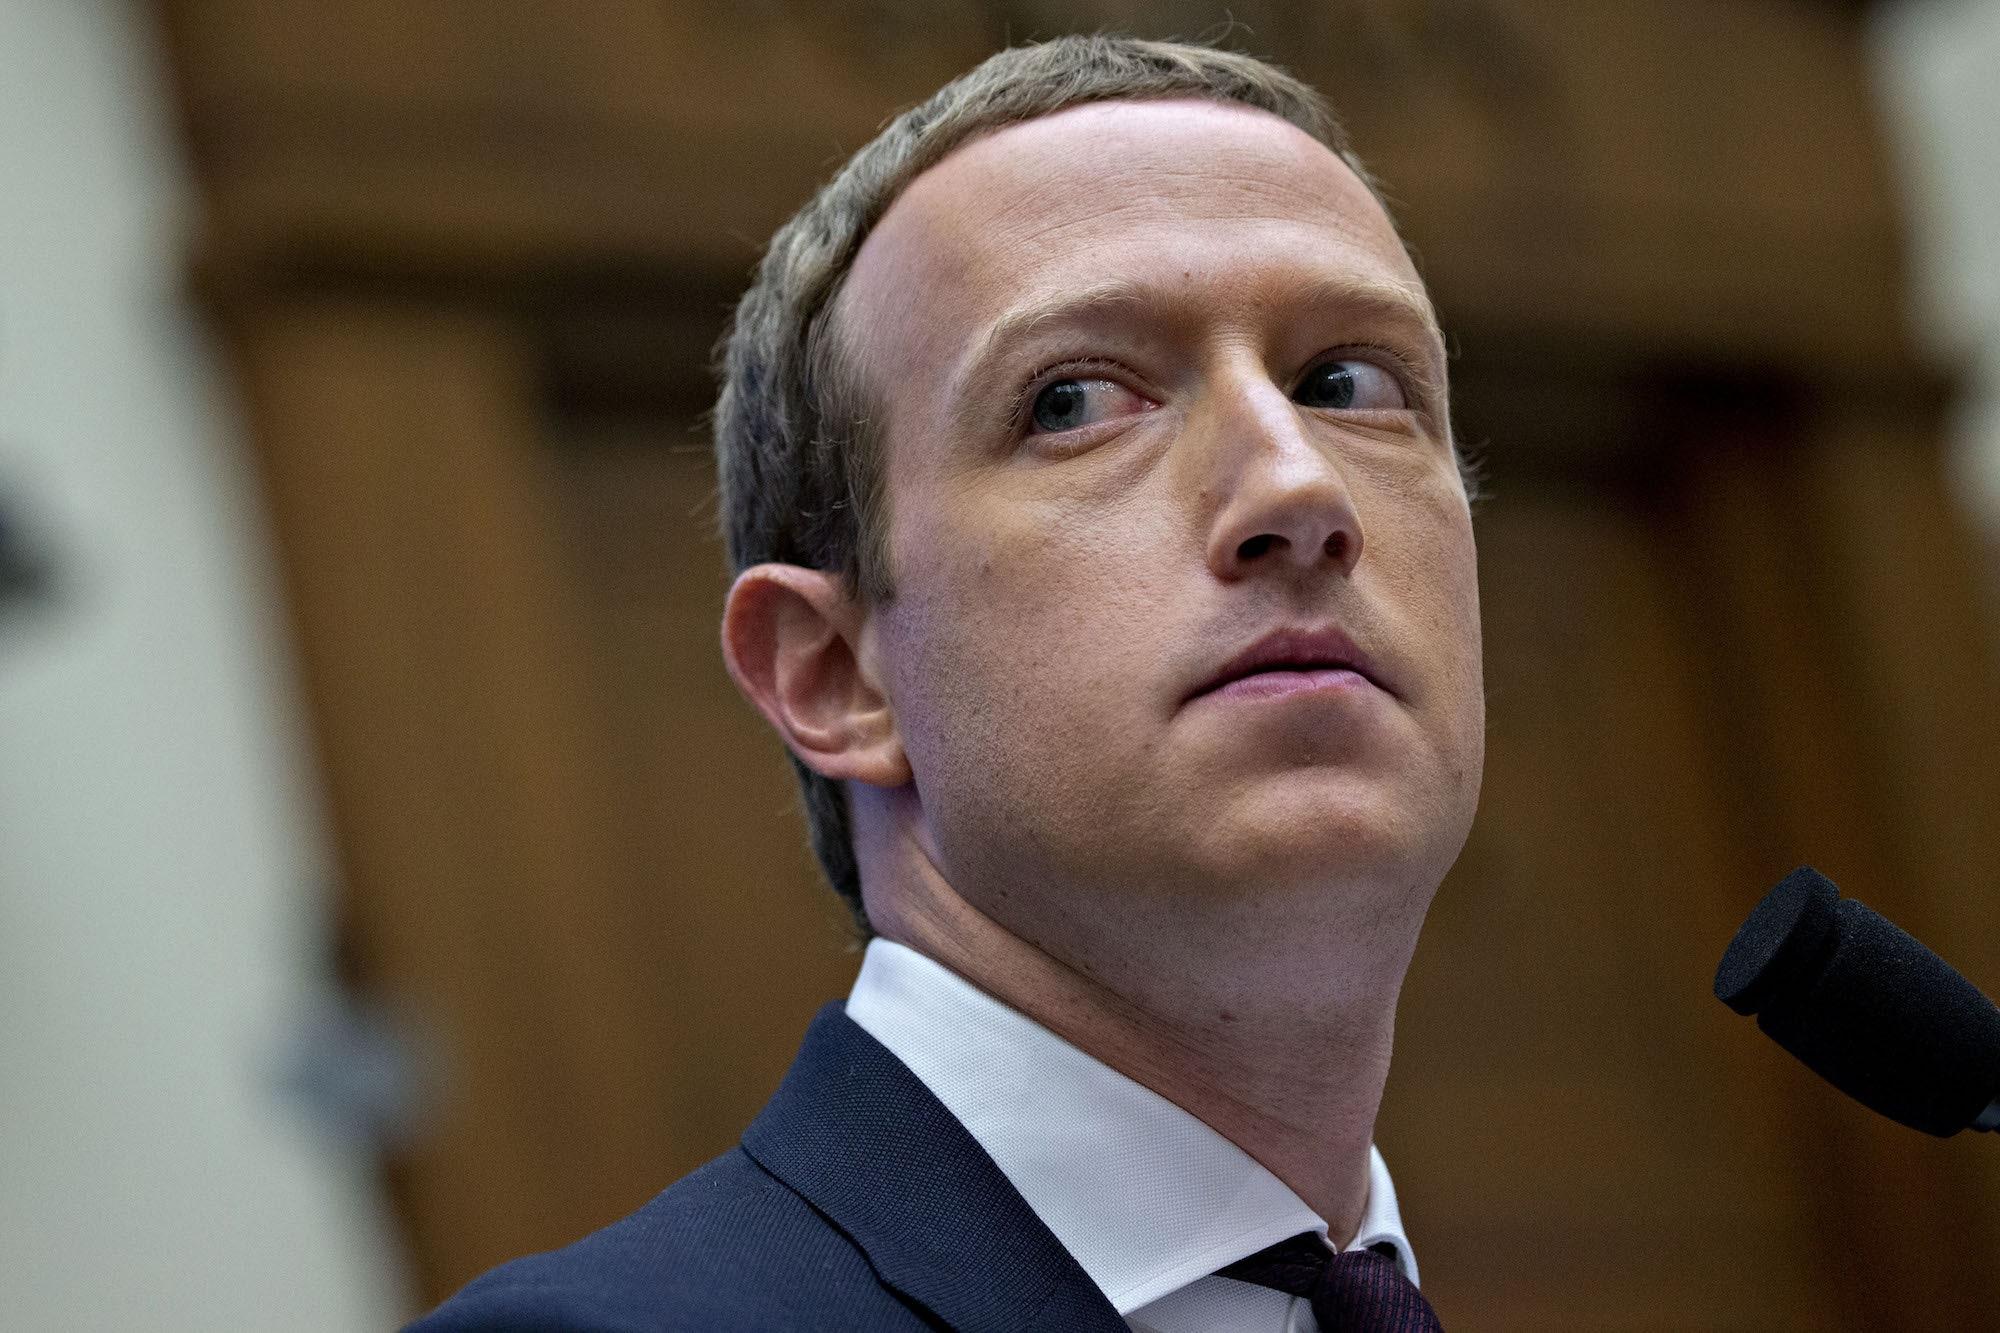 Утечка данных, саботаж или обвинения в разжигании ненависти: что на самом деле стало причиной сбоя Facebook